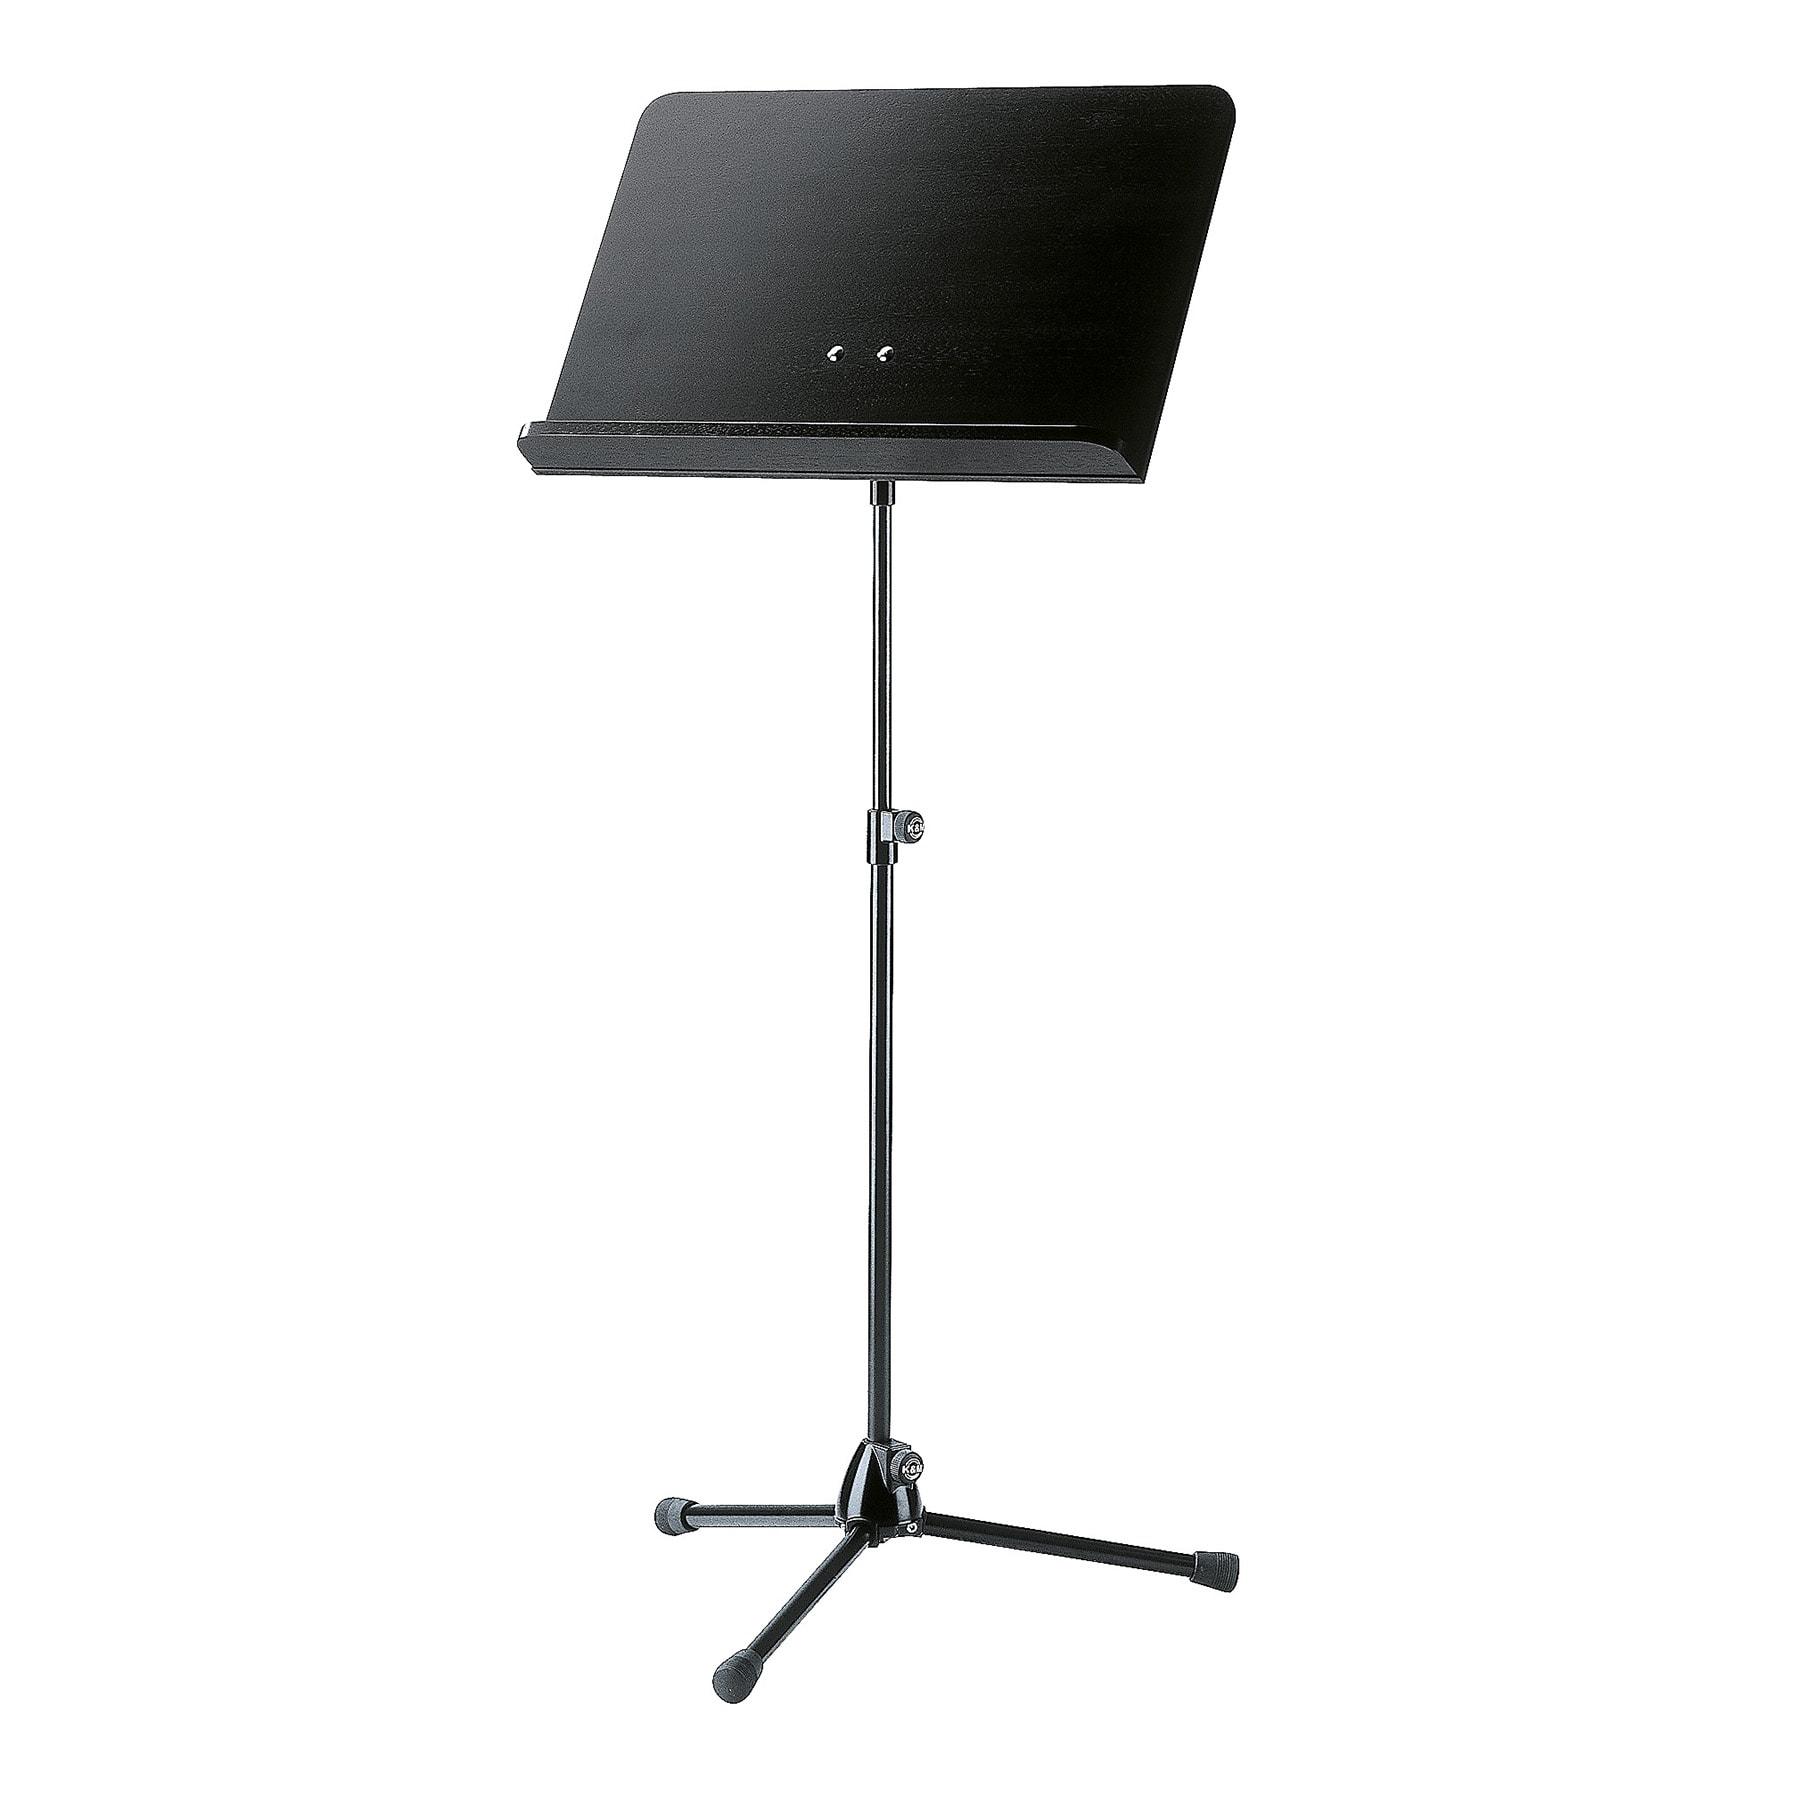 KM11812-000-55 - Black stand, black wooden desk